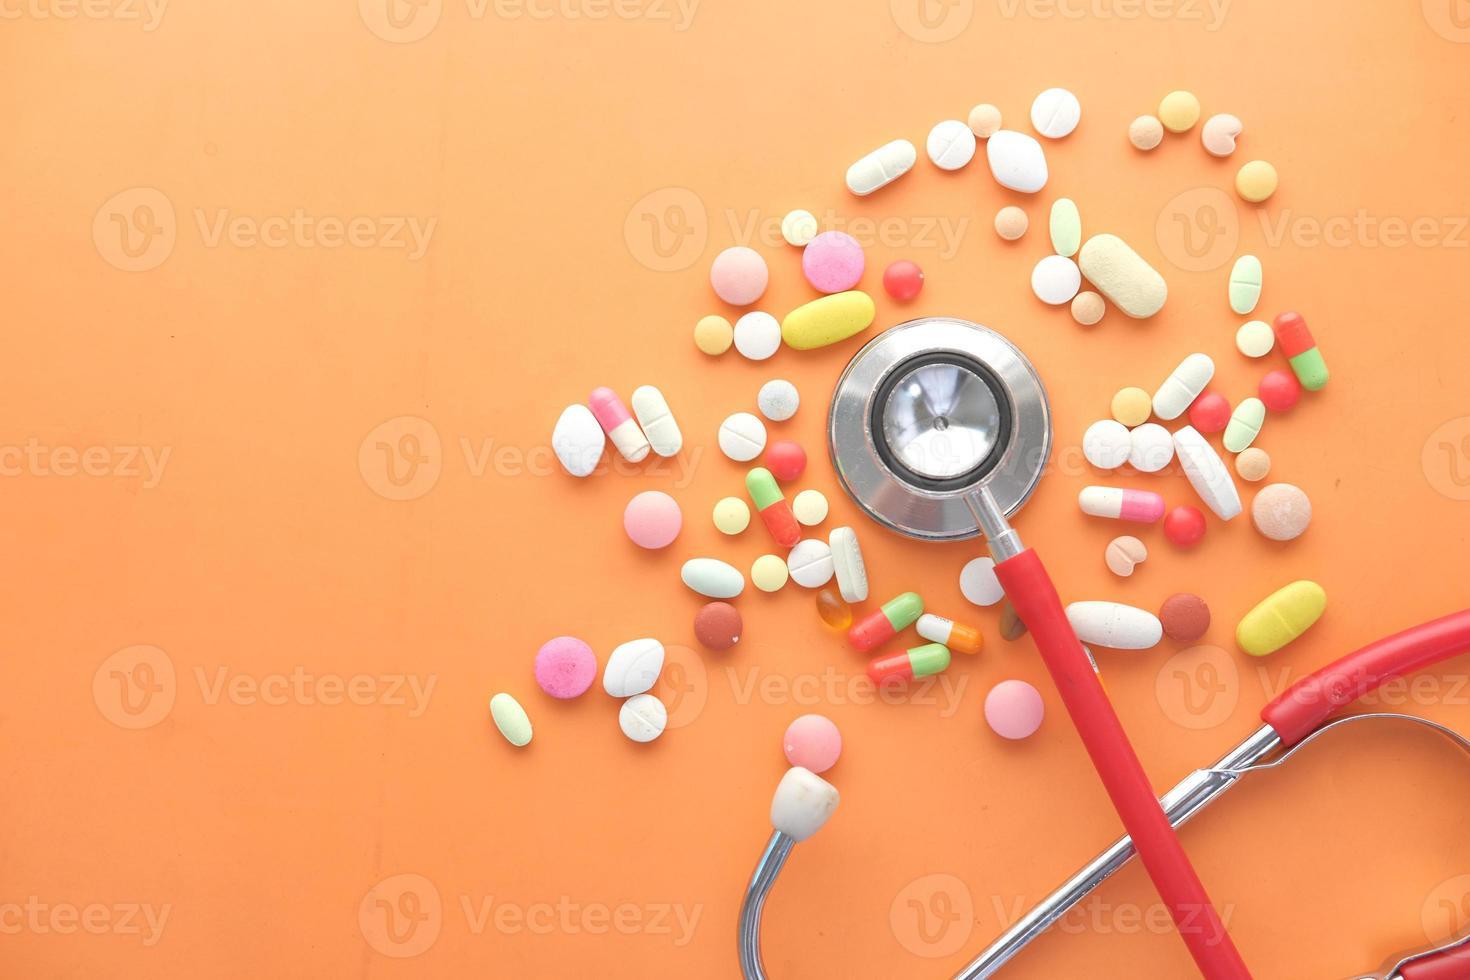 färgglada medicinska piller och stetoskop på orange bakgrund foto